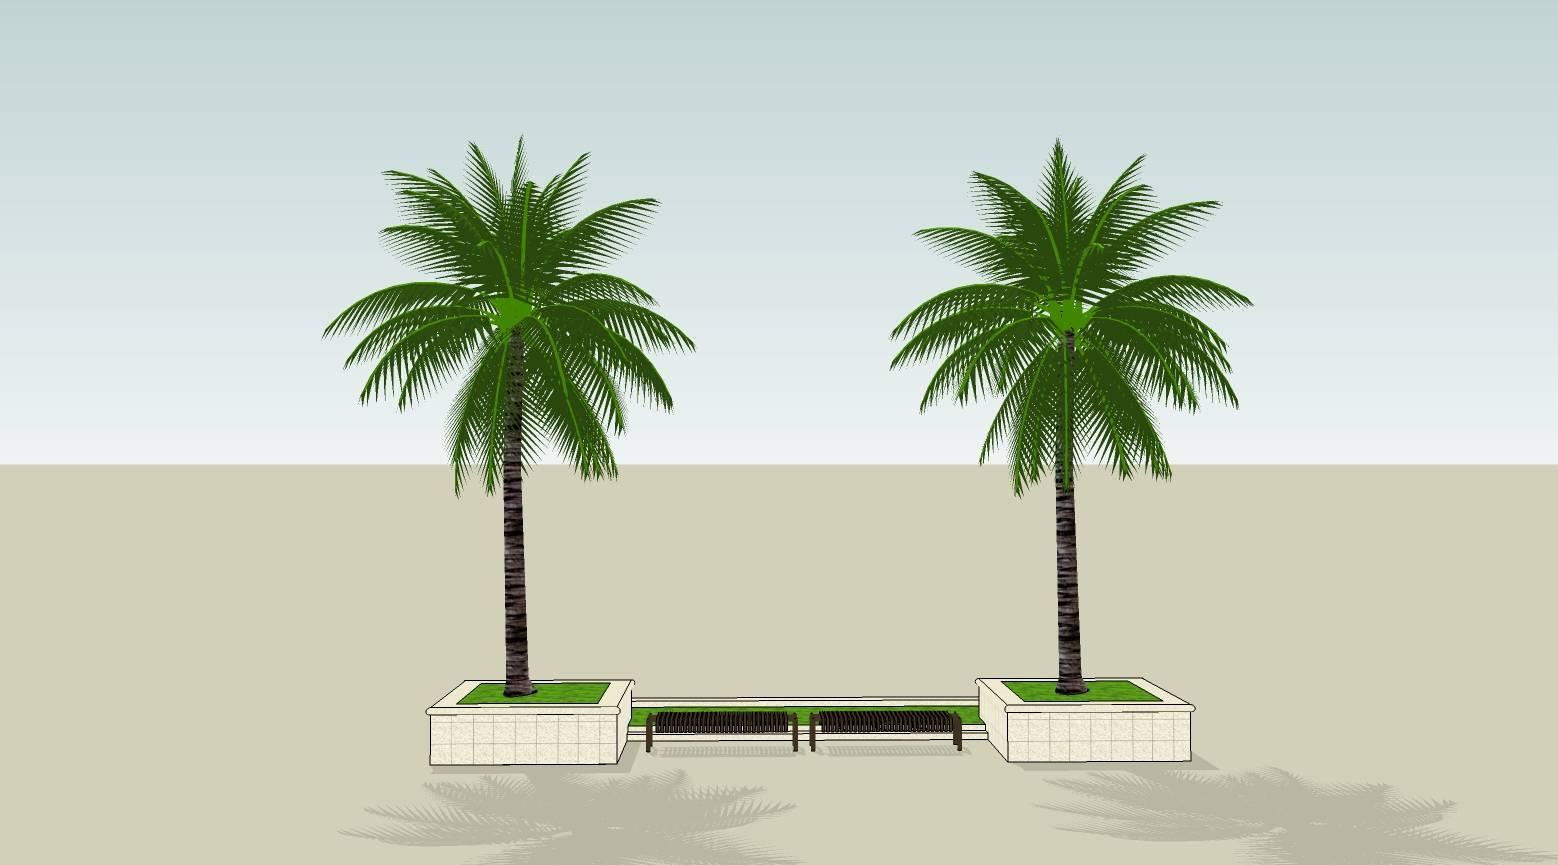 方形树池  石树池  花岗岩树池  创意坐凳  木座椅  长凳